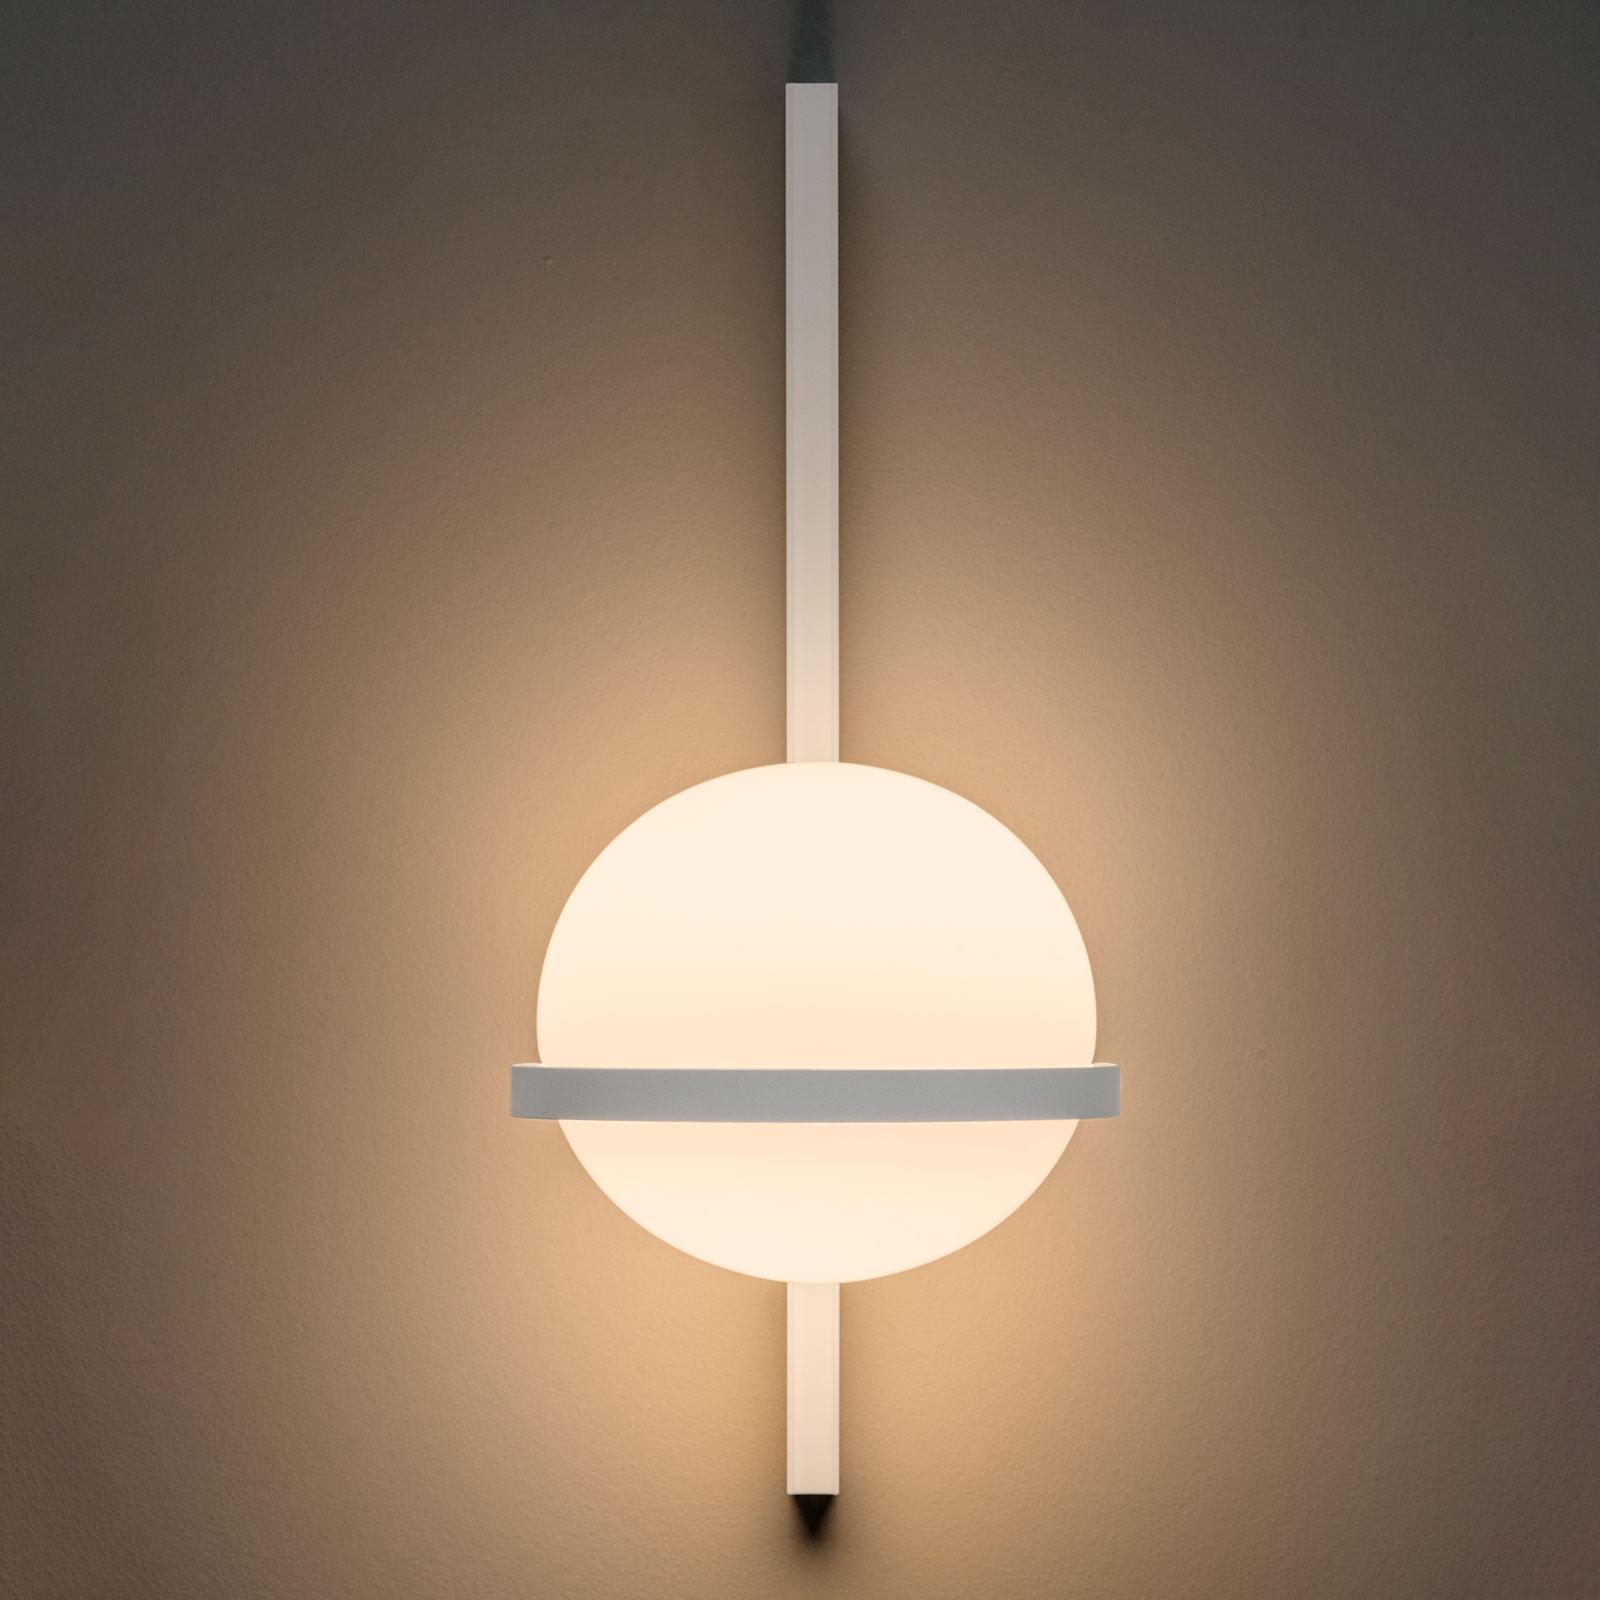 Vibia Palma 3710 LED-seinävalaisin, valkoinen